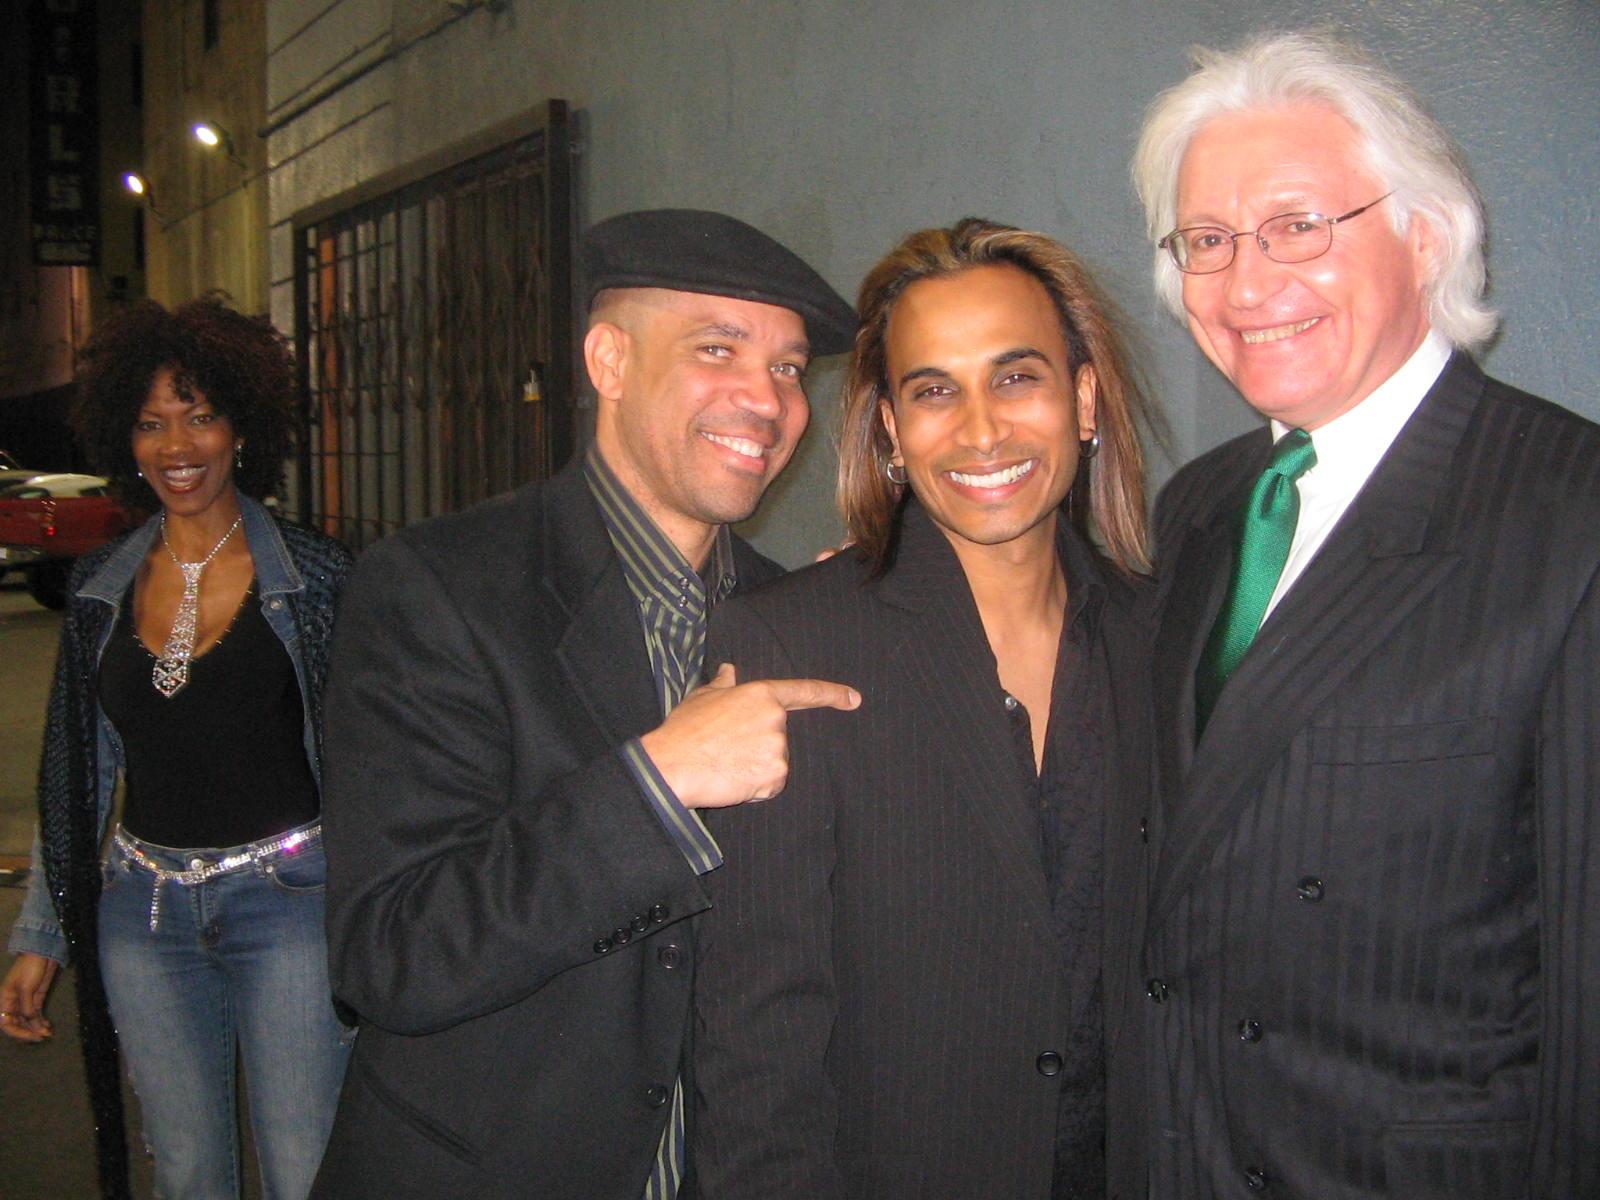 Kerry Gordy with Reggie Benjamin